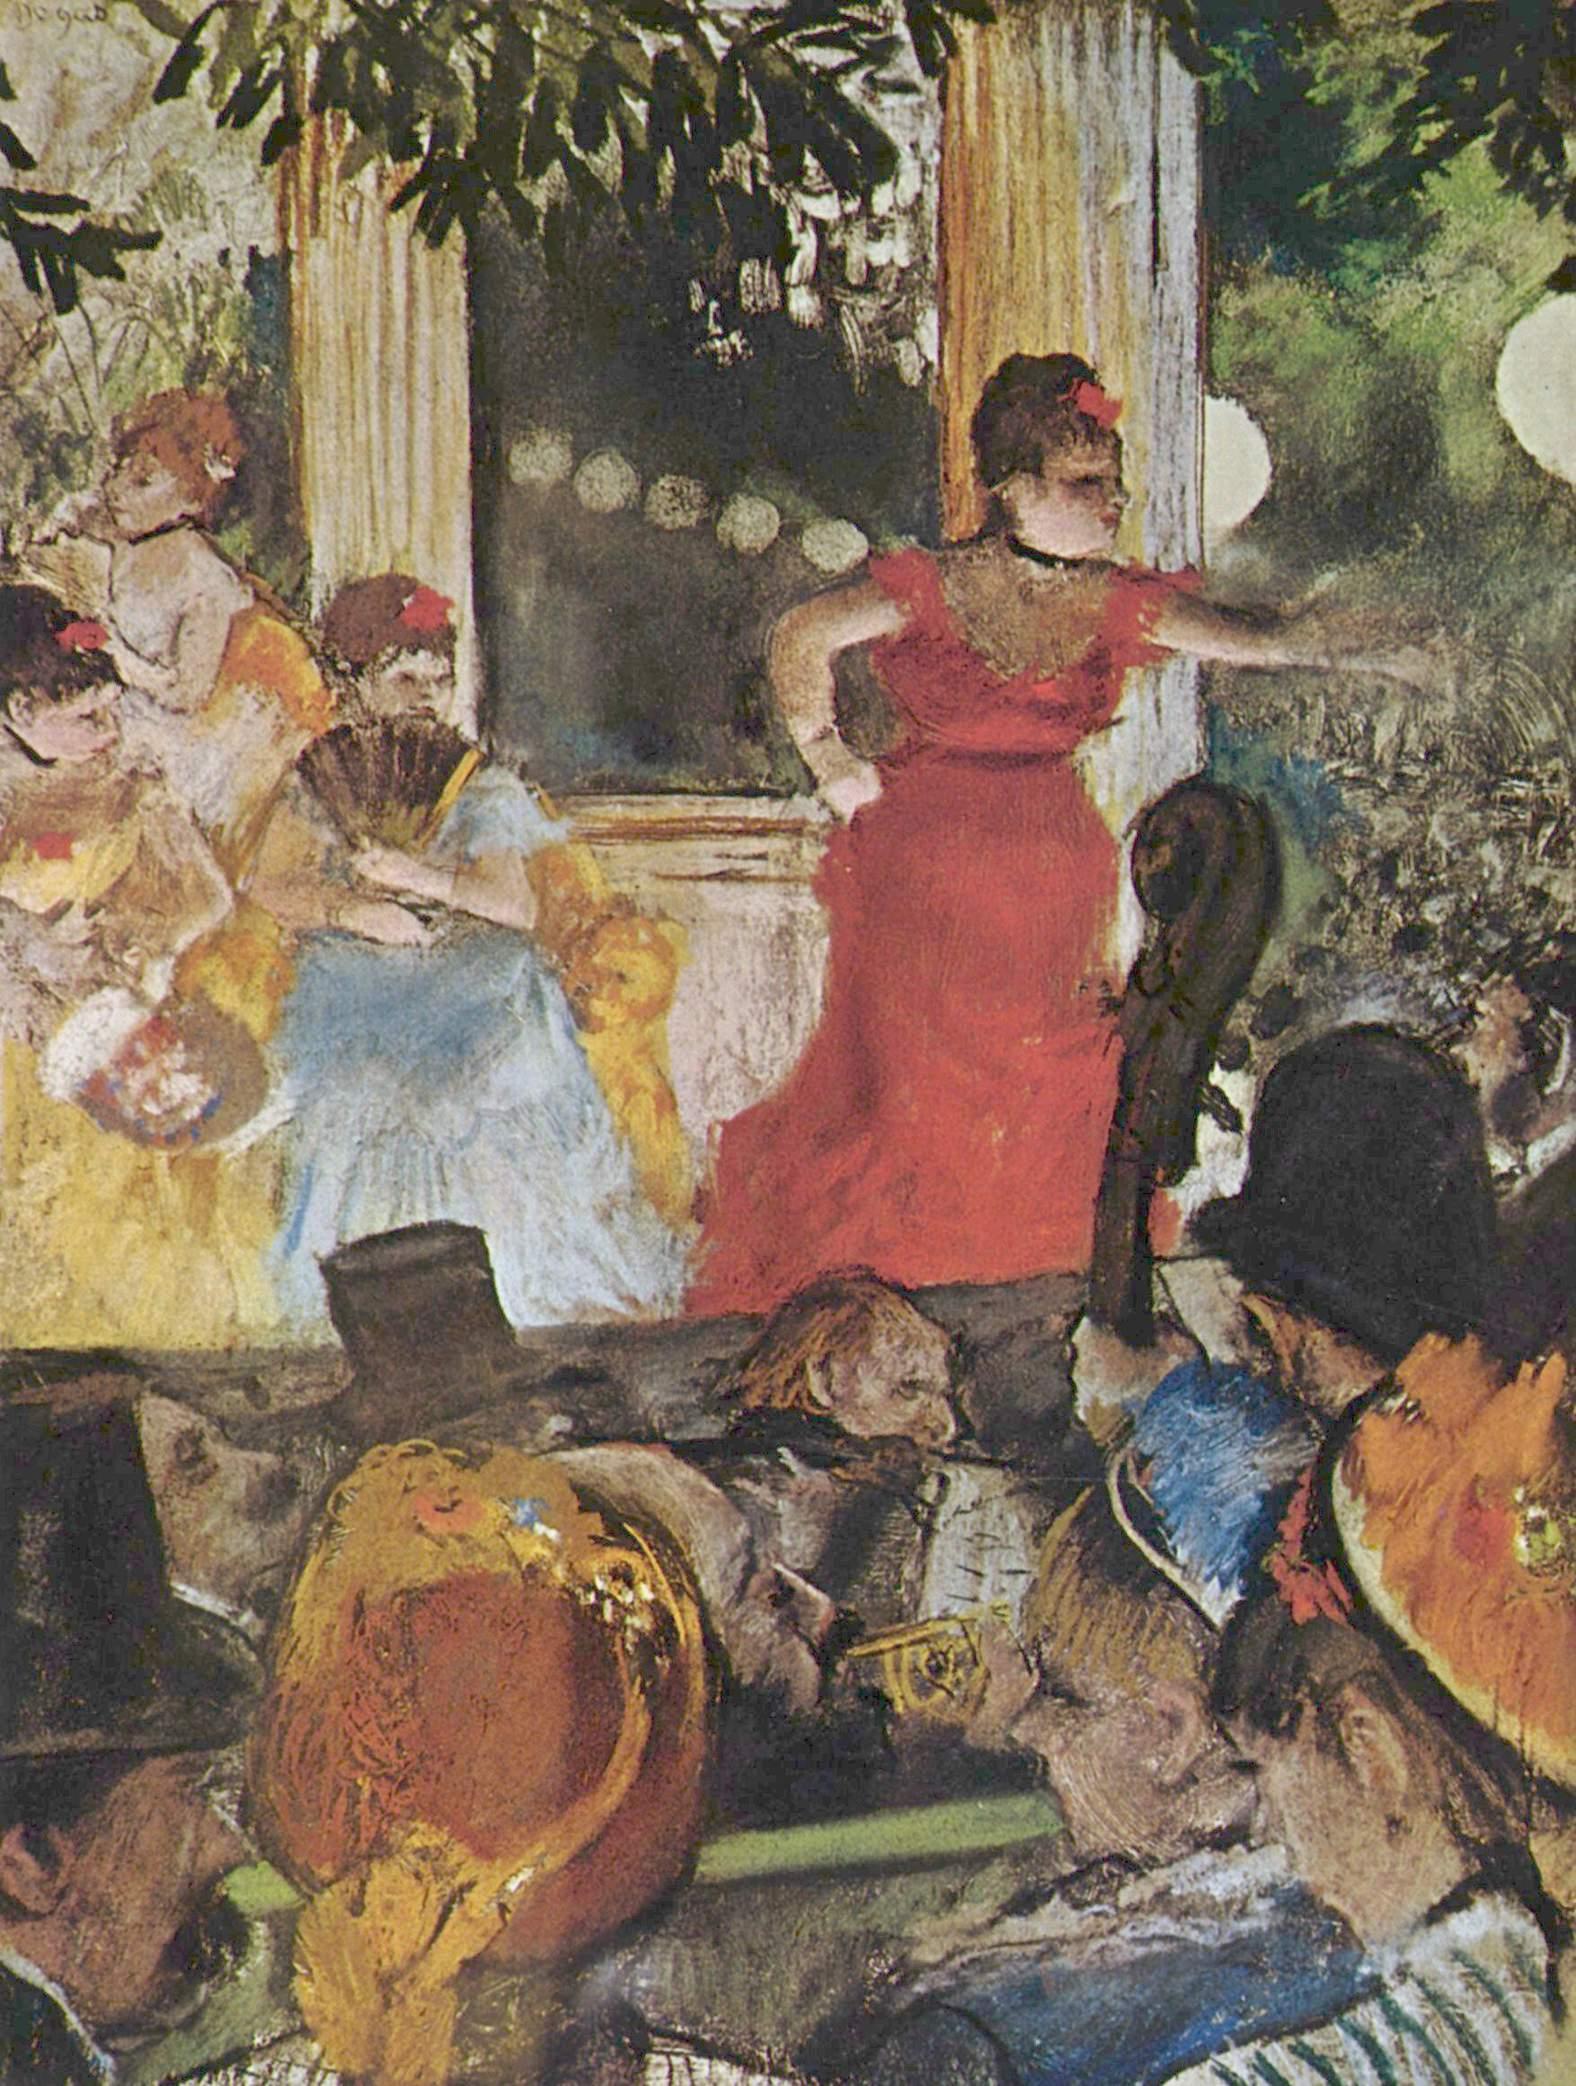 https://i0.wp.com/upload.wikimedia.org/wikipedia/commons/d/d0/Edgar_Germain_Hilaire_Degas_038.jpg